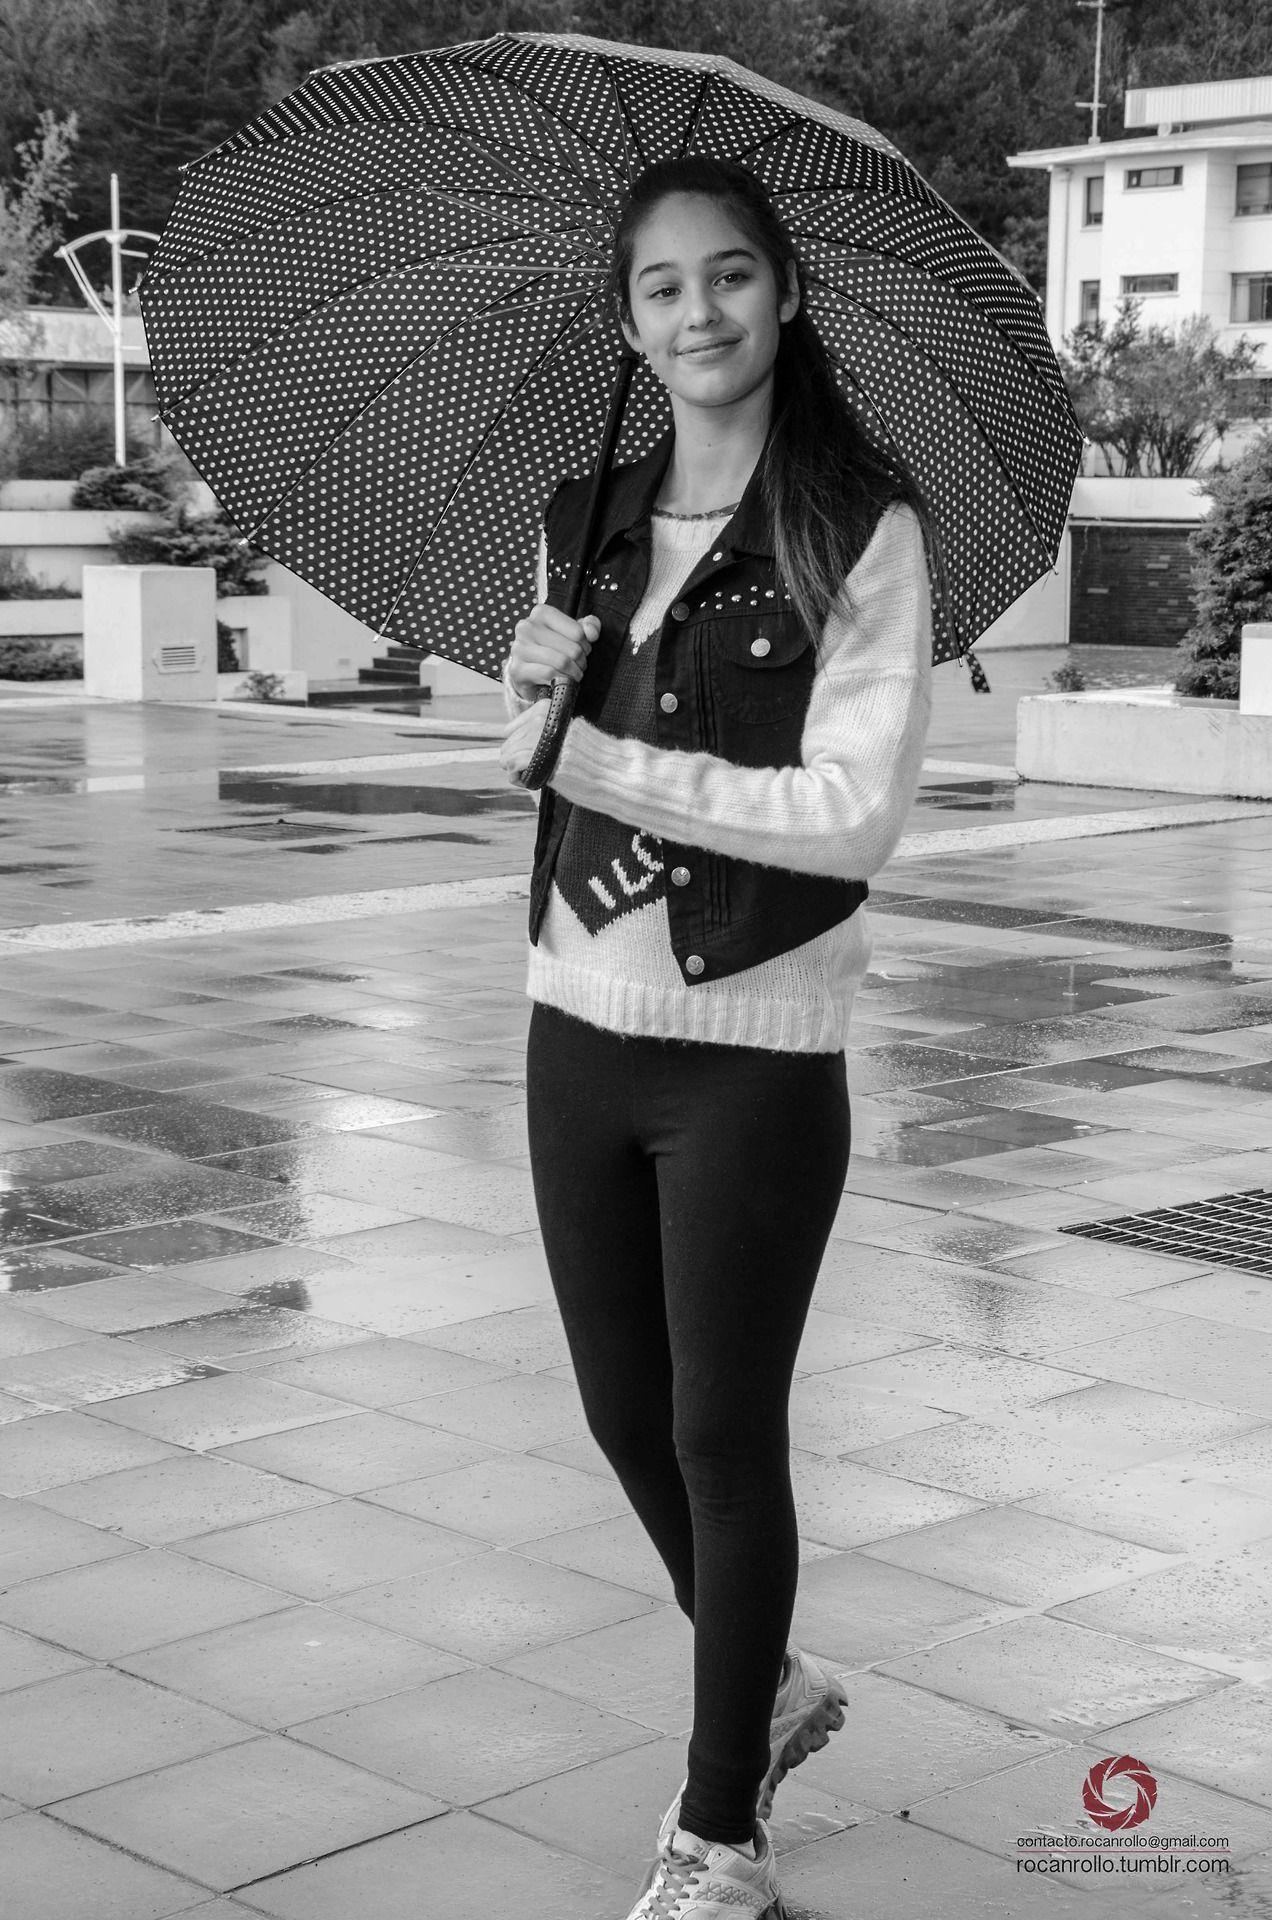 #fotografia #Byn #byw #moto #RocanRollo #Nikon #Concepcion #UdeC #Rain #Umbrella rocanrollo.tumblr.com